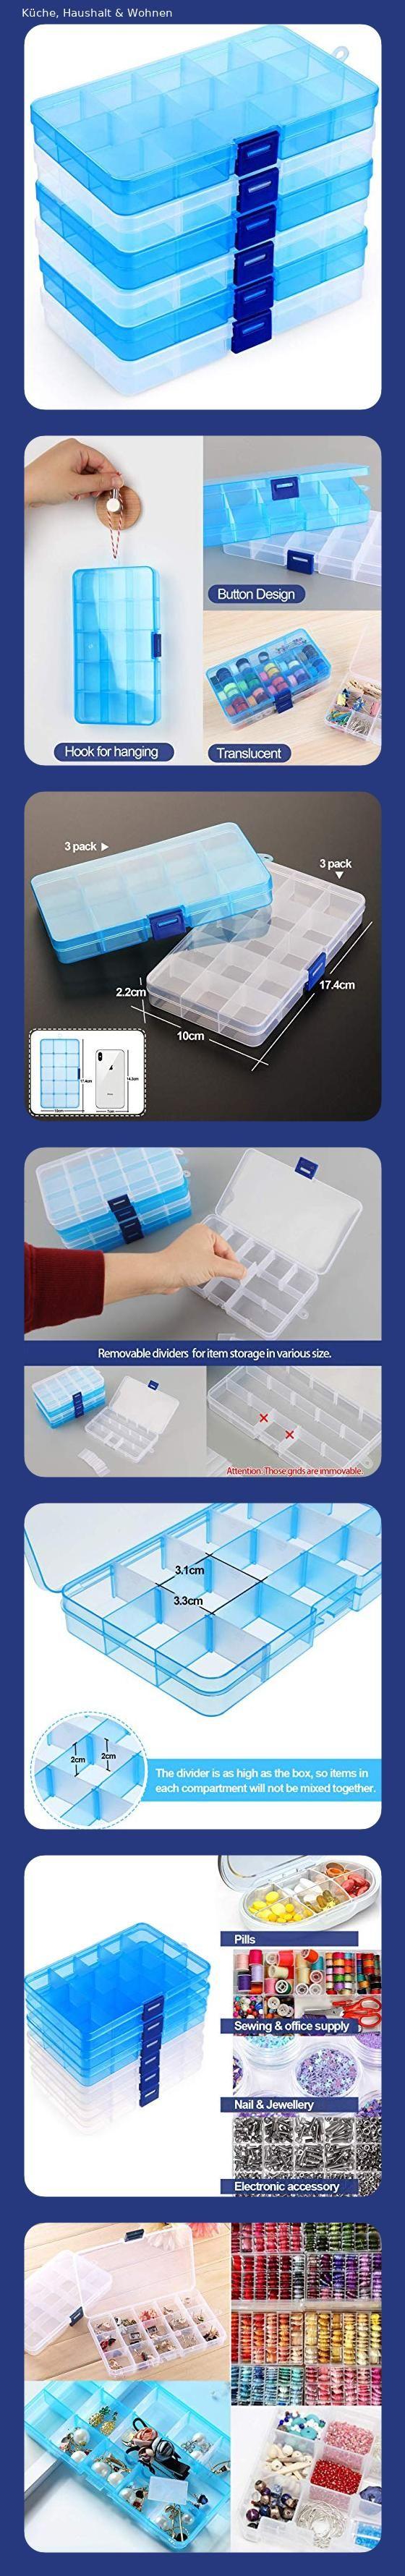 Ilauke Facher Aufbewahrungsbox Klar Sortierboxen Plastik